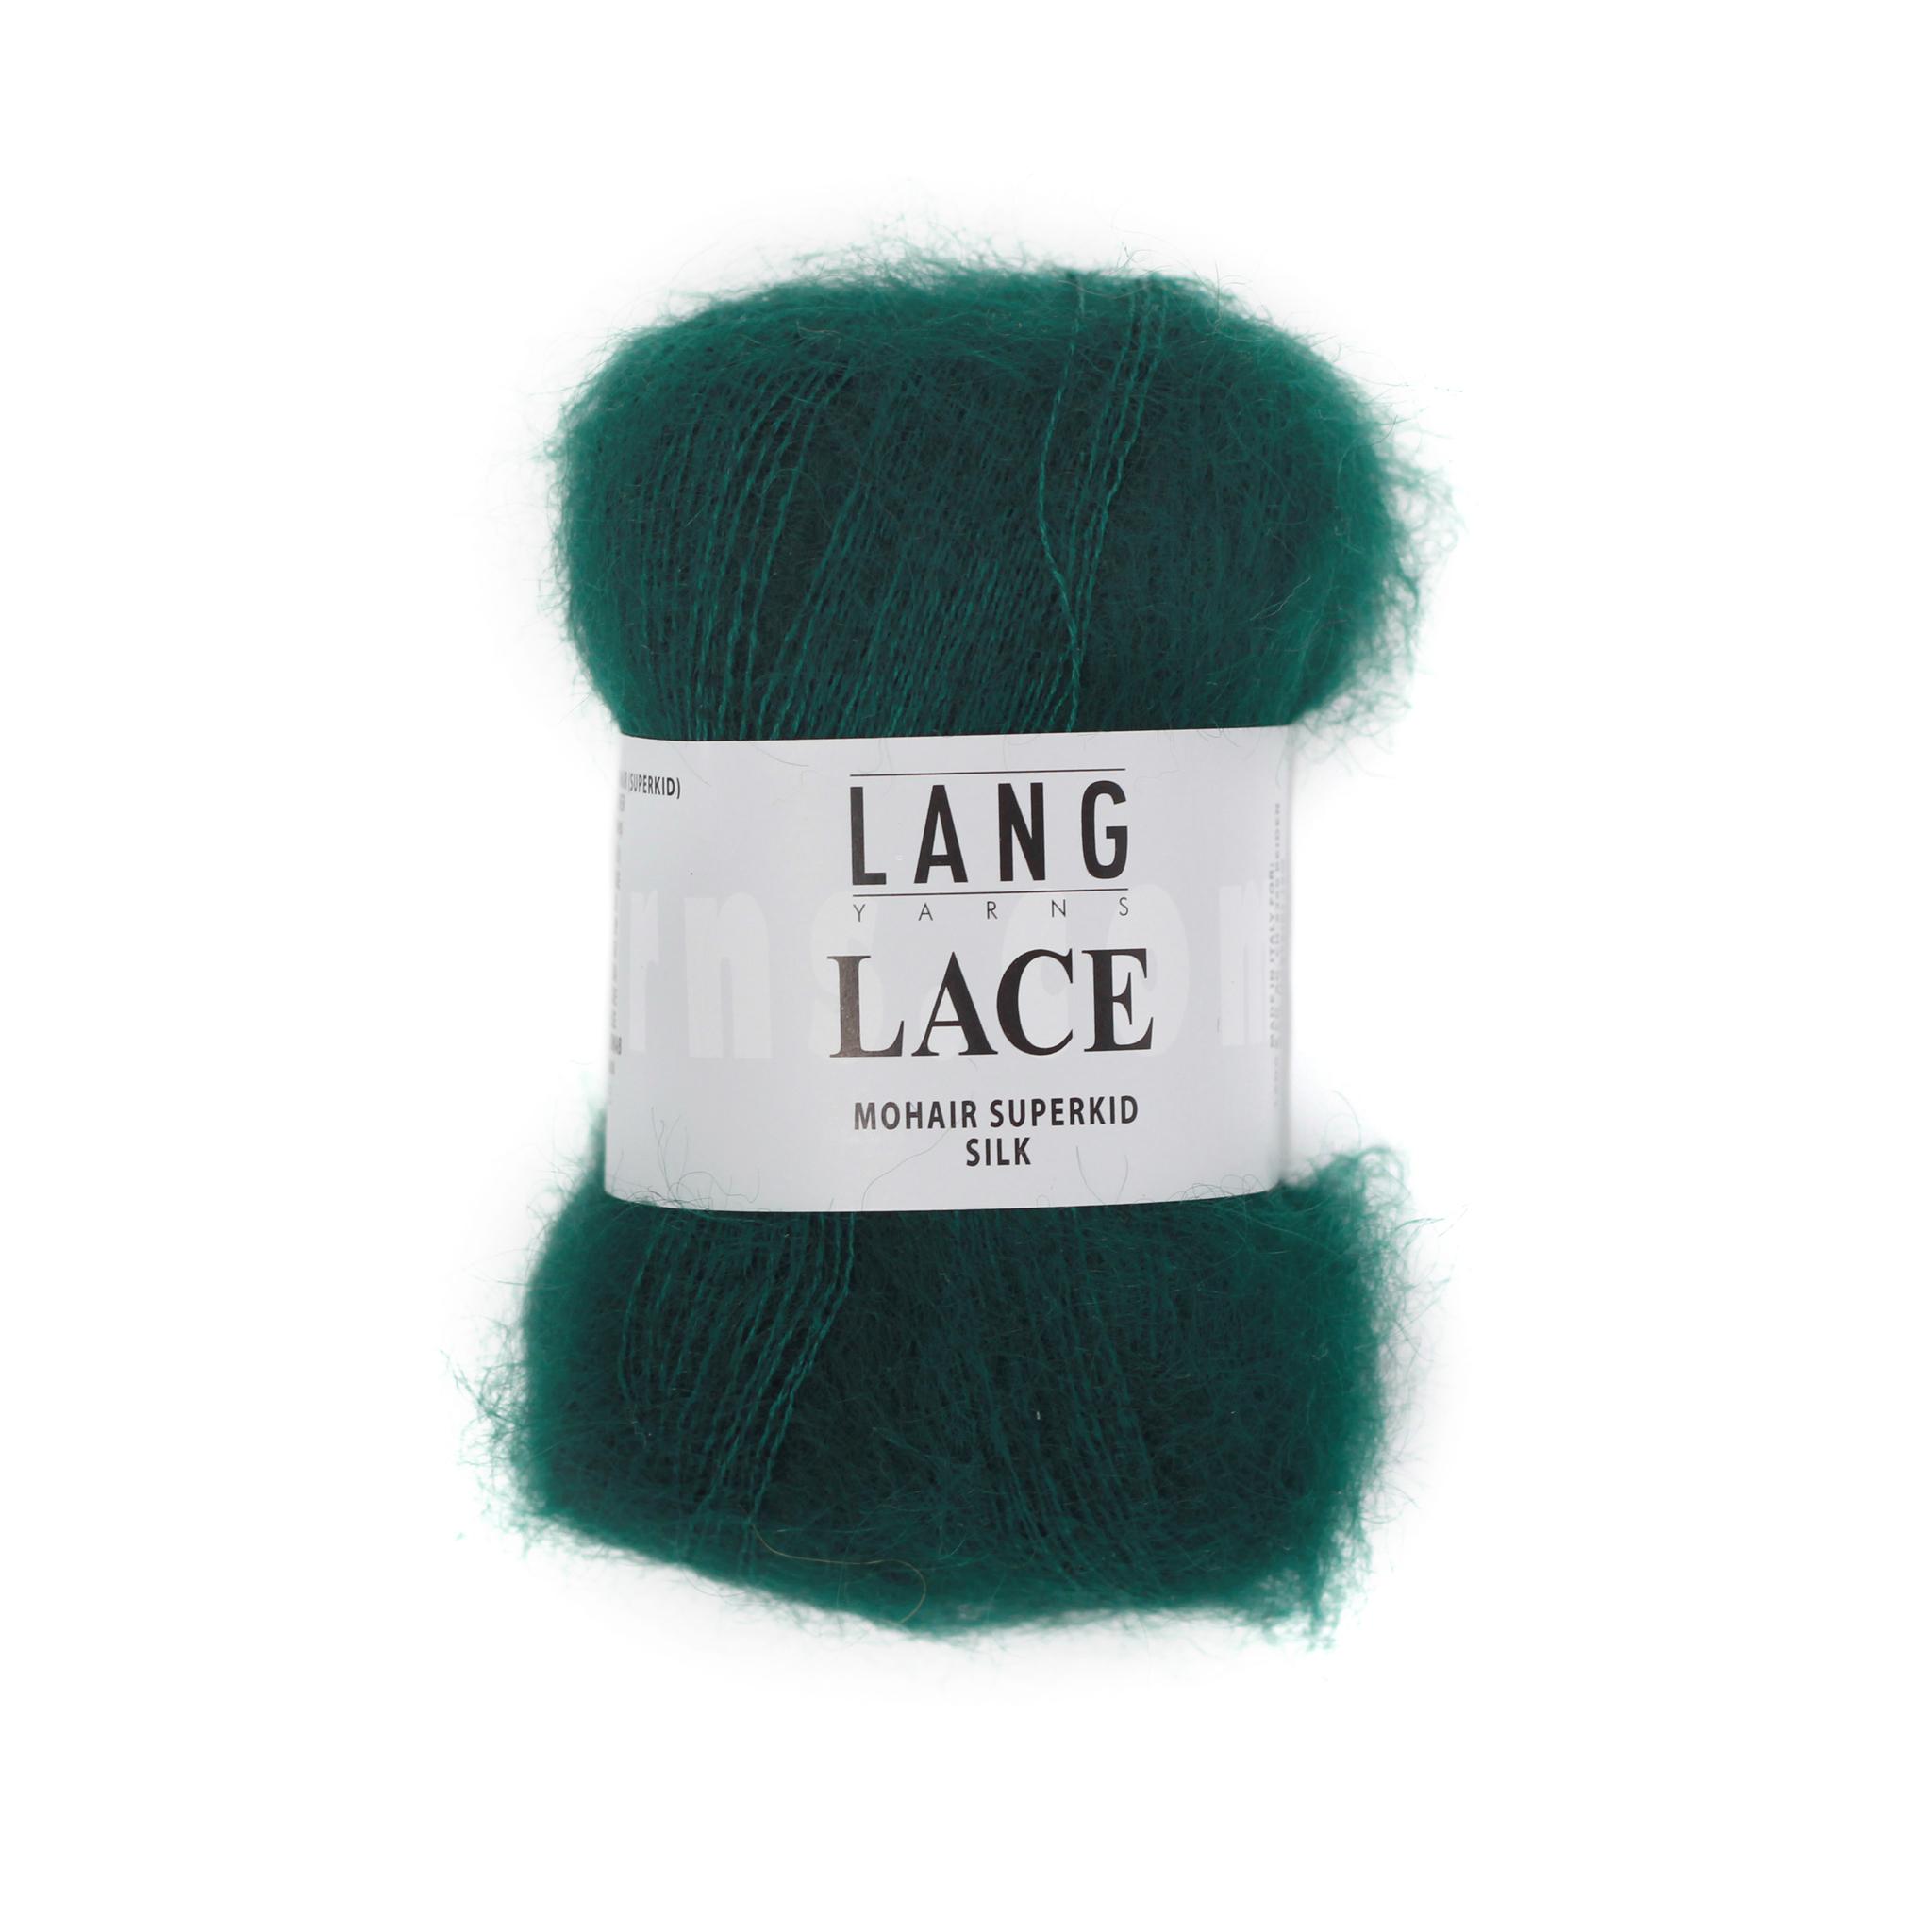 Lang Yarns Lace - 992.0018